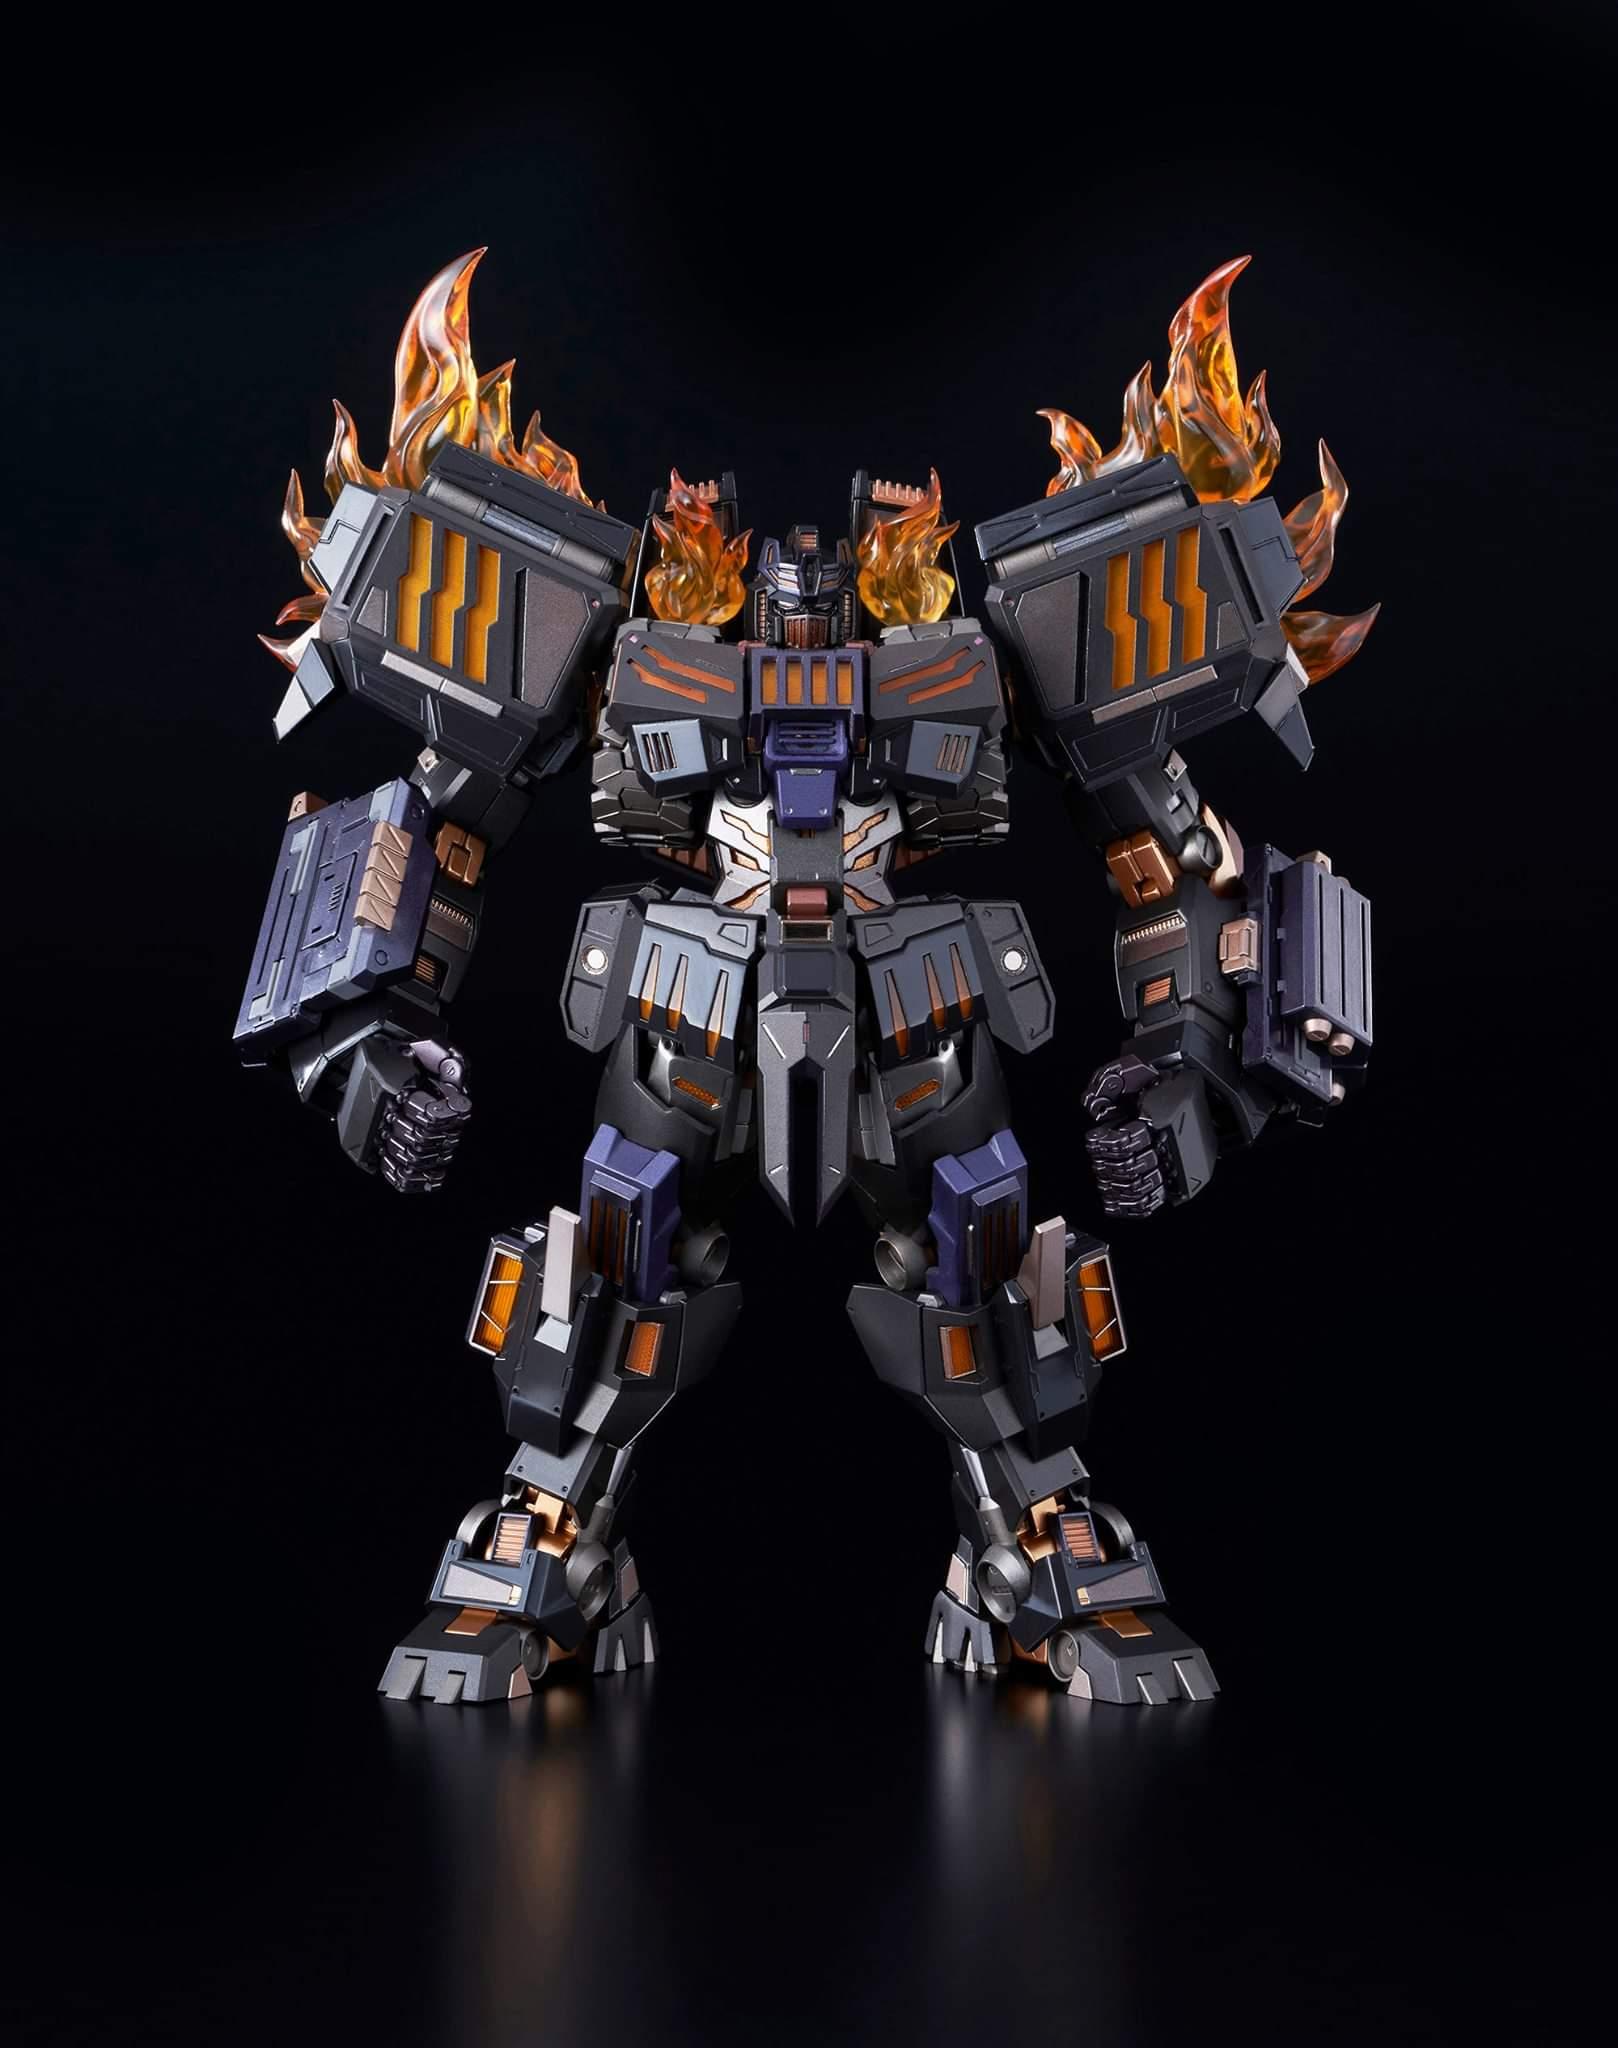 Flame-Toys-Kuro-Kara-Kuri-The-Fallen03.j